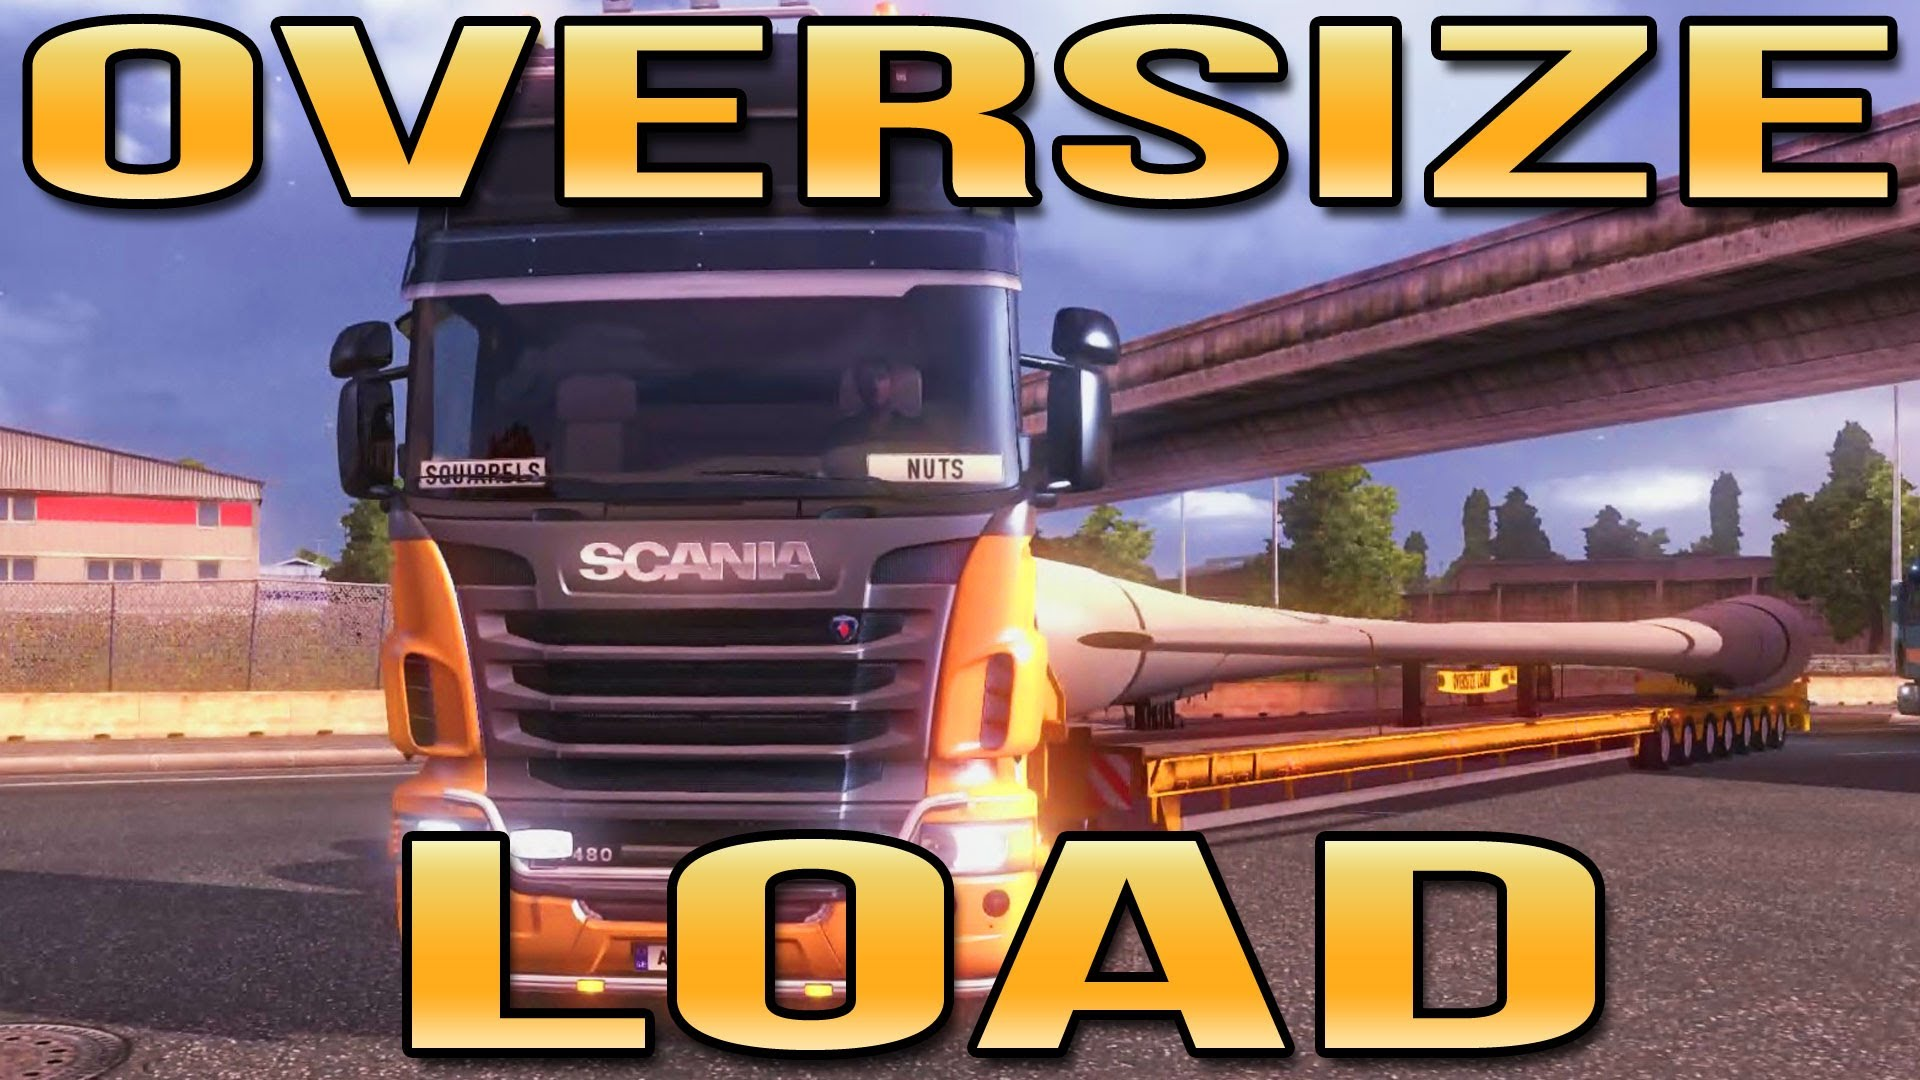 Most mindenki lehet túlméretes. Új kiegészítés az Euro Truck Simulator 2-hez